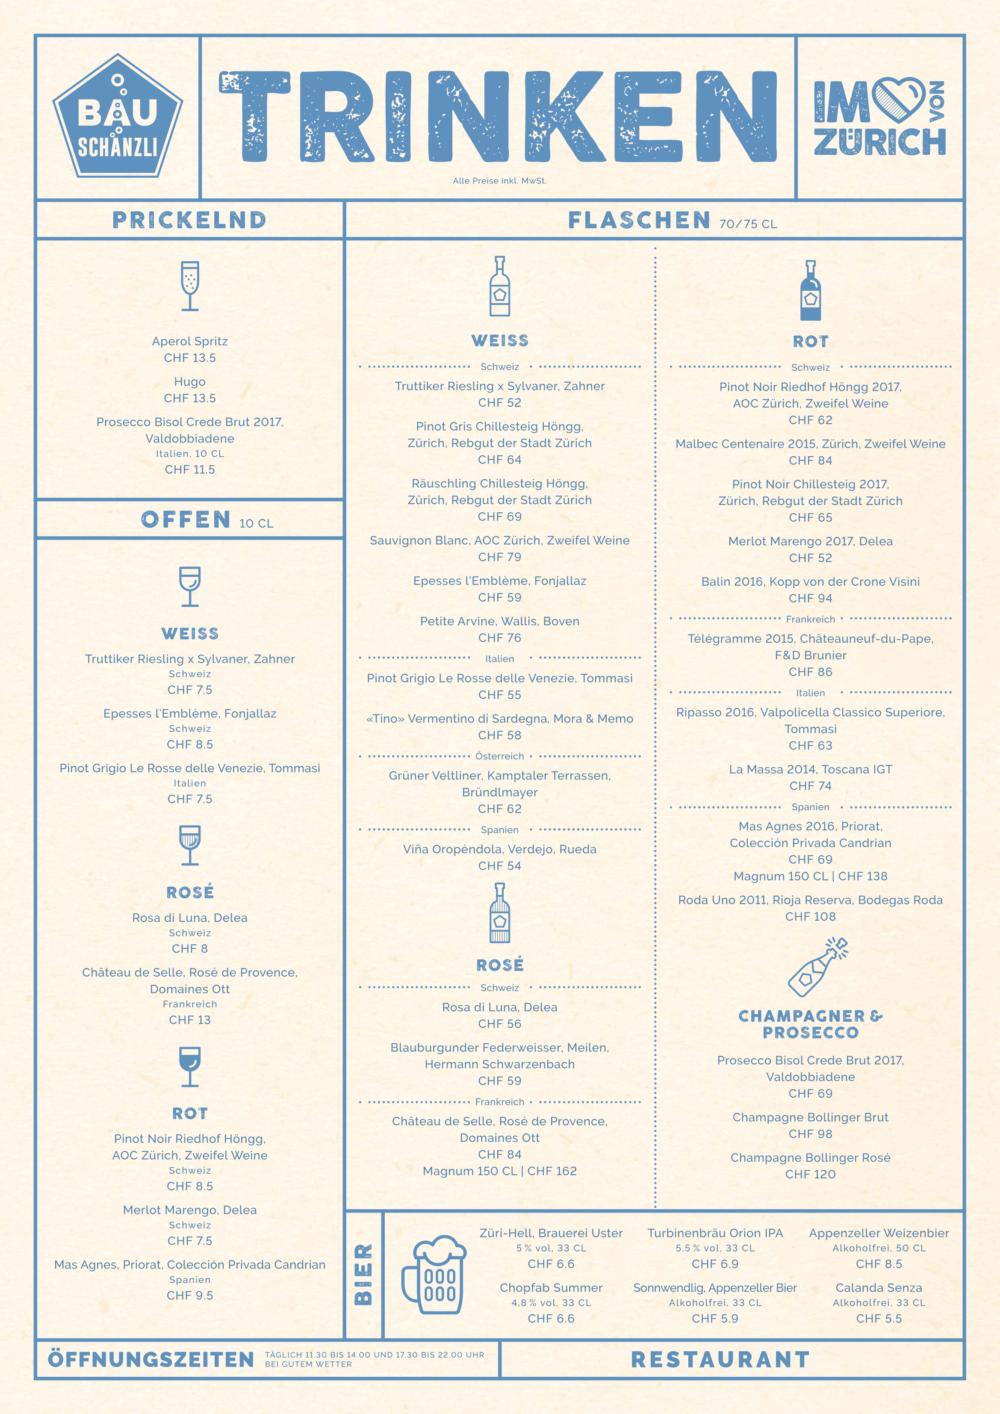 speisekarte_restaurant-2